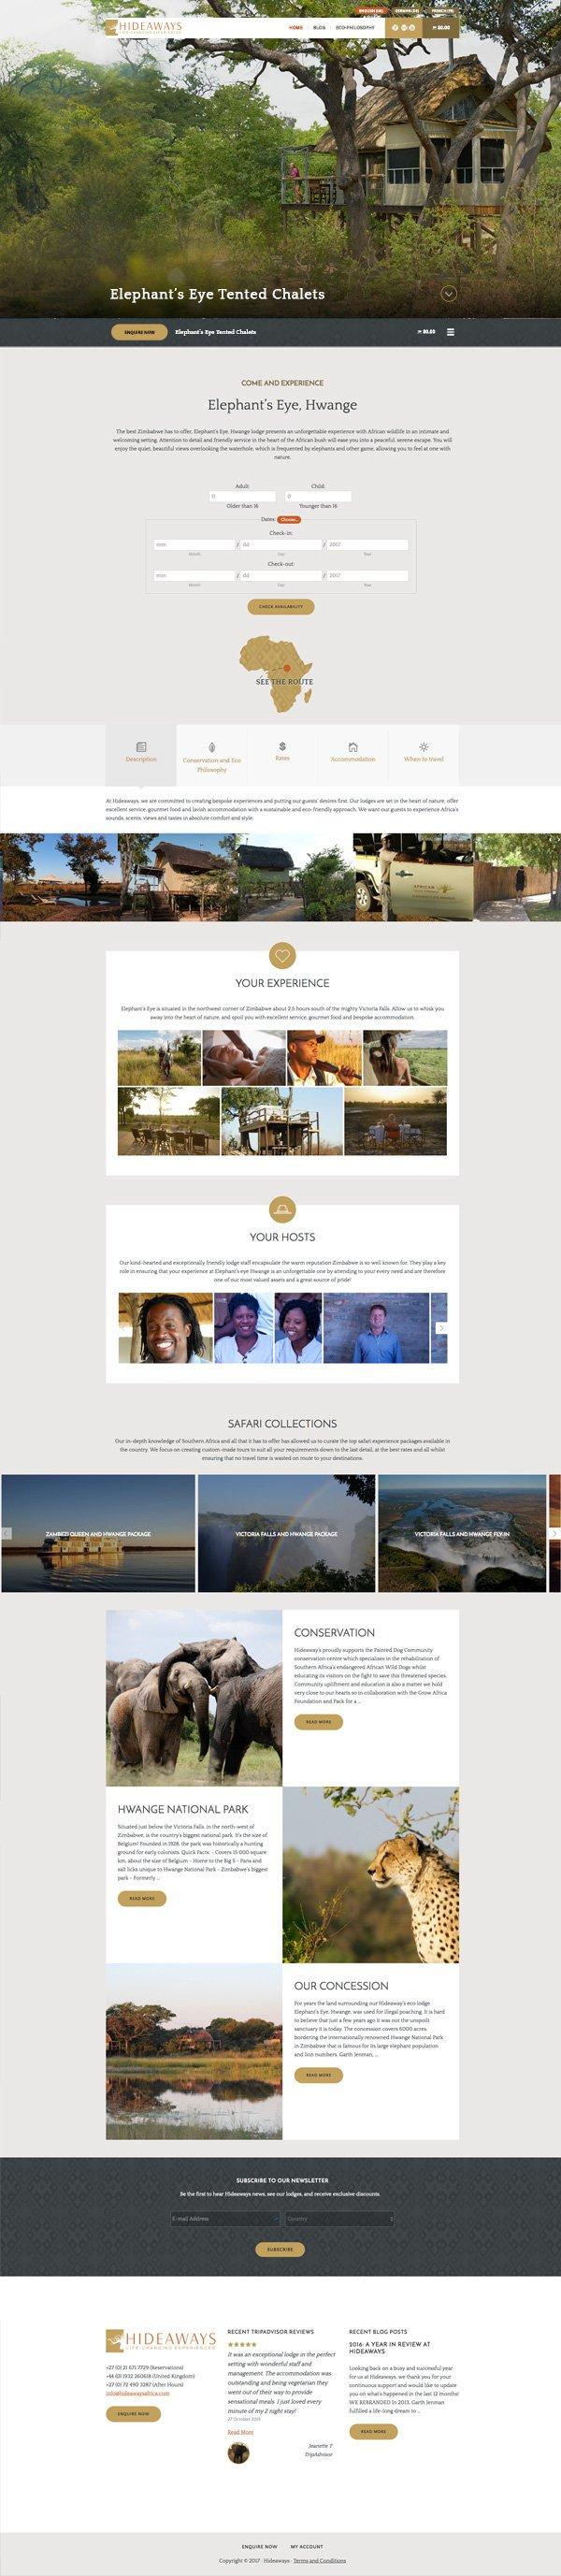 Hideaways Africa website redesign 2